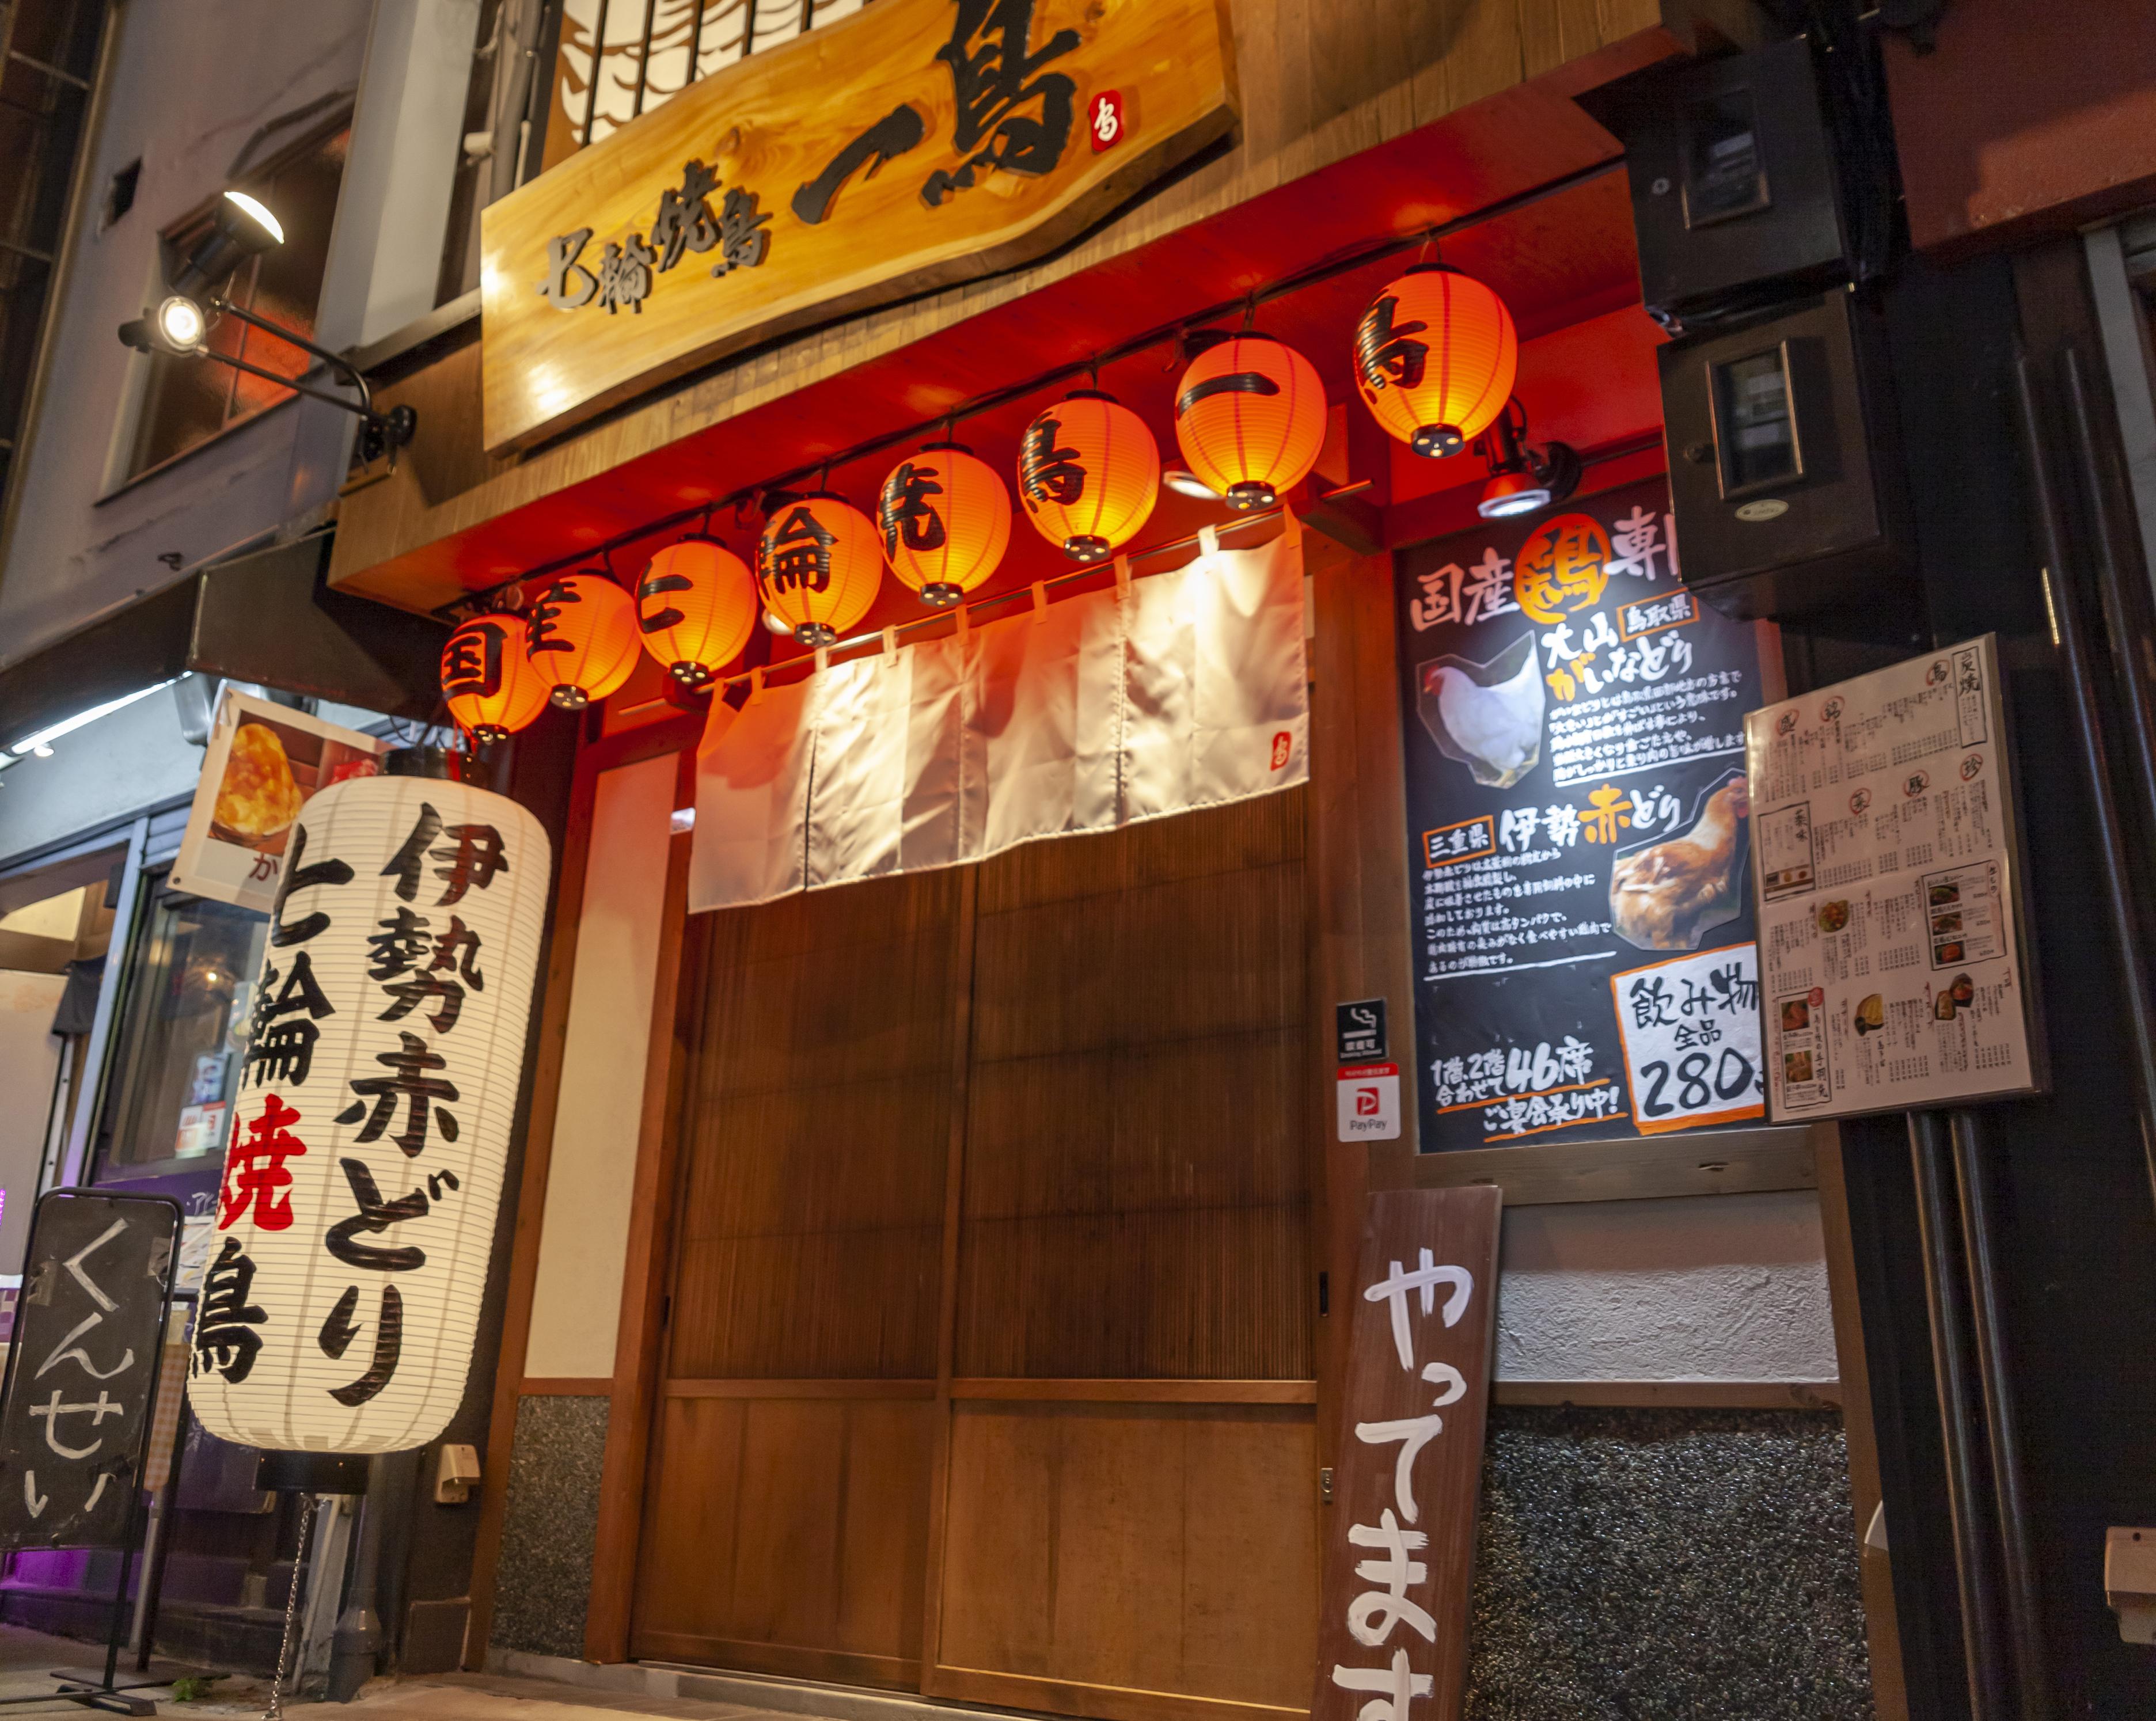 七輪焼鳥 一鳥 京橋店